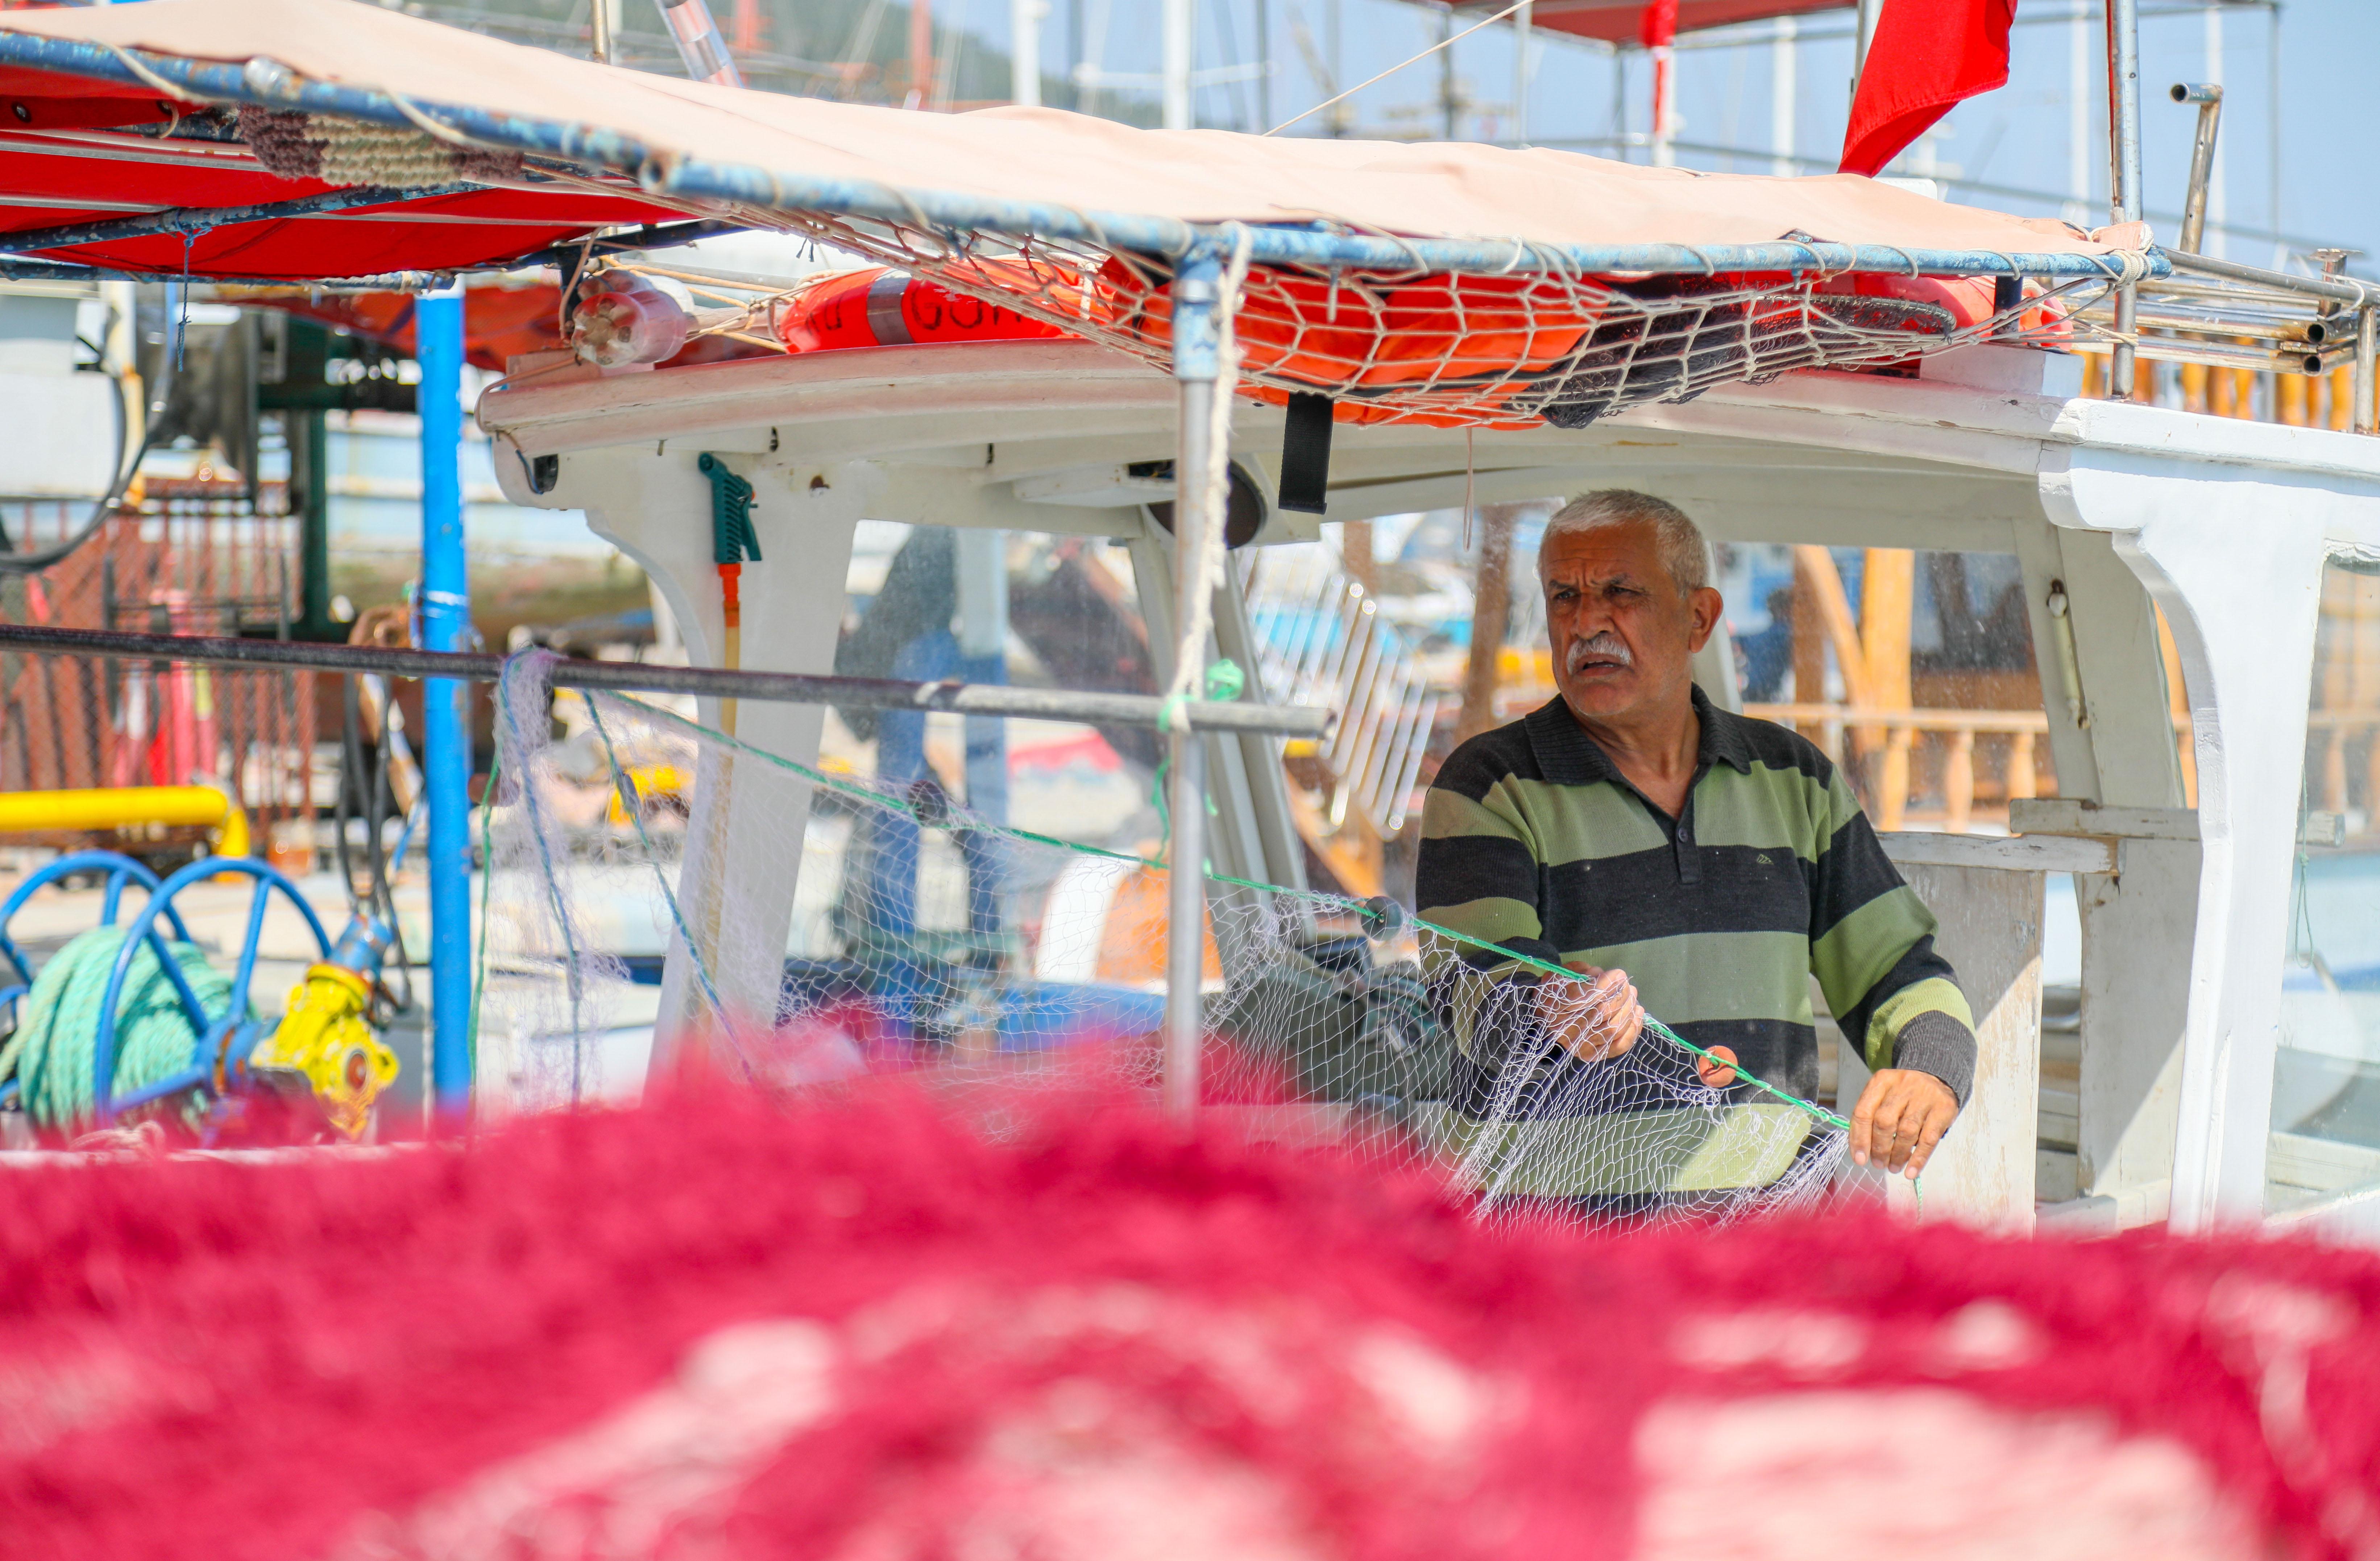 Balon balığıyla mücadele: 'Kuyruğunu getir 5 lira al' projesi